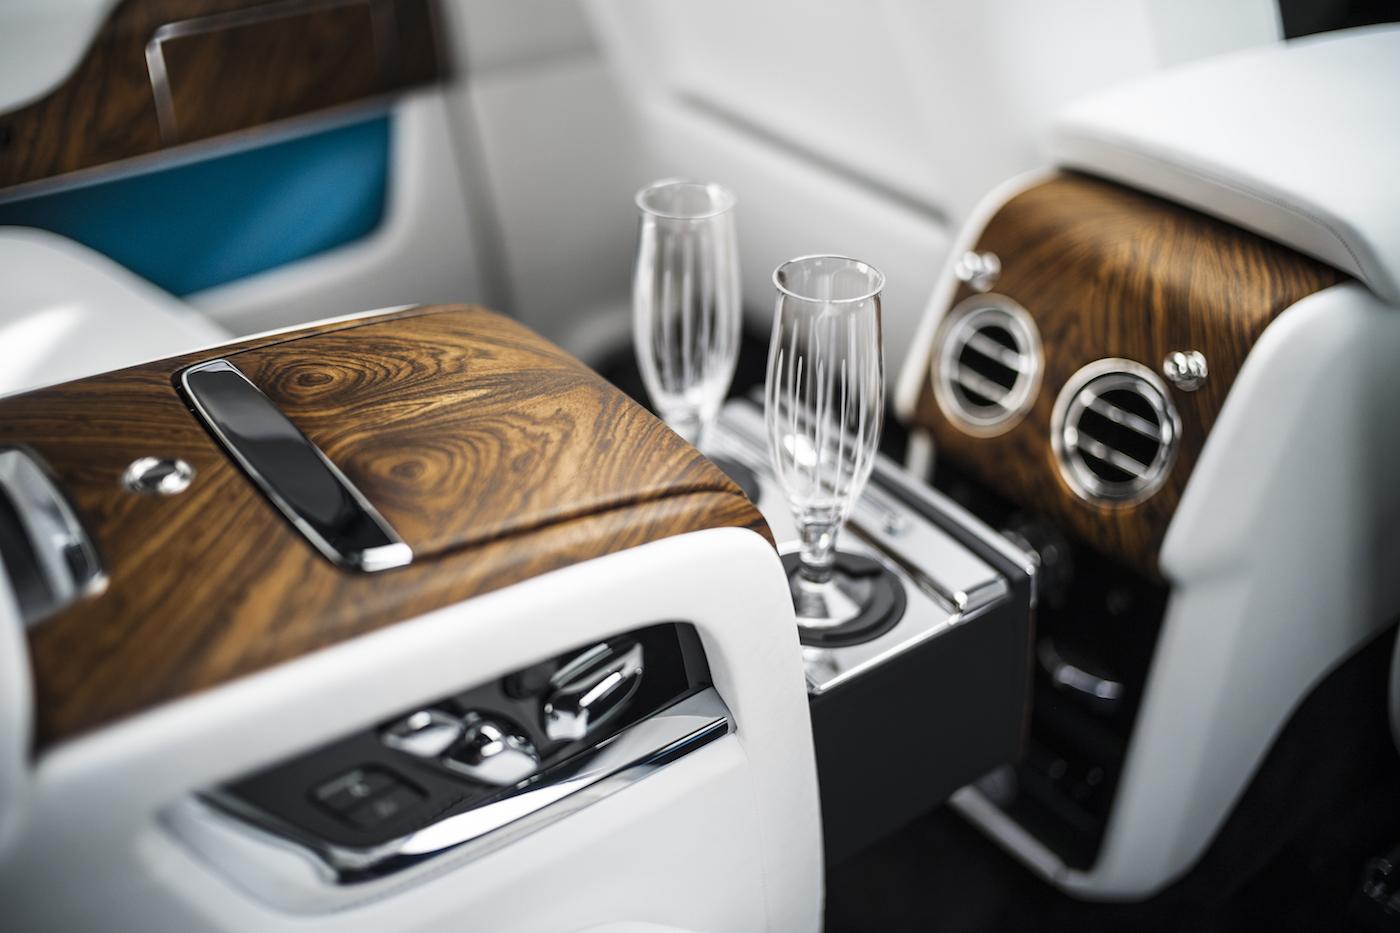 Check deze nieuwe monster suv van Rolls Royce 05